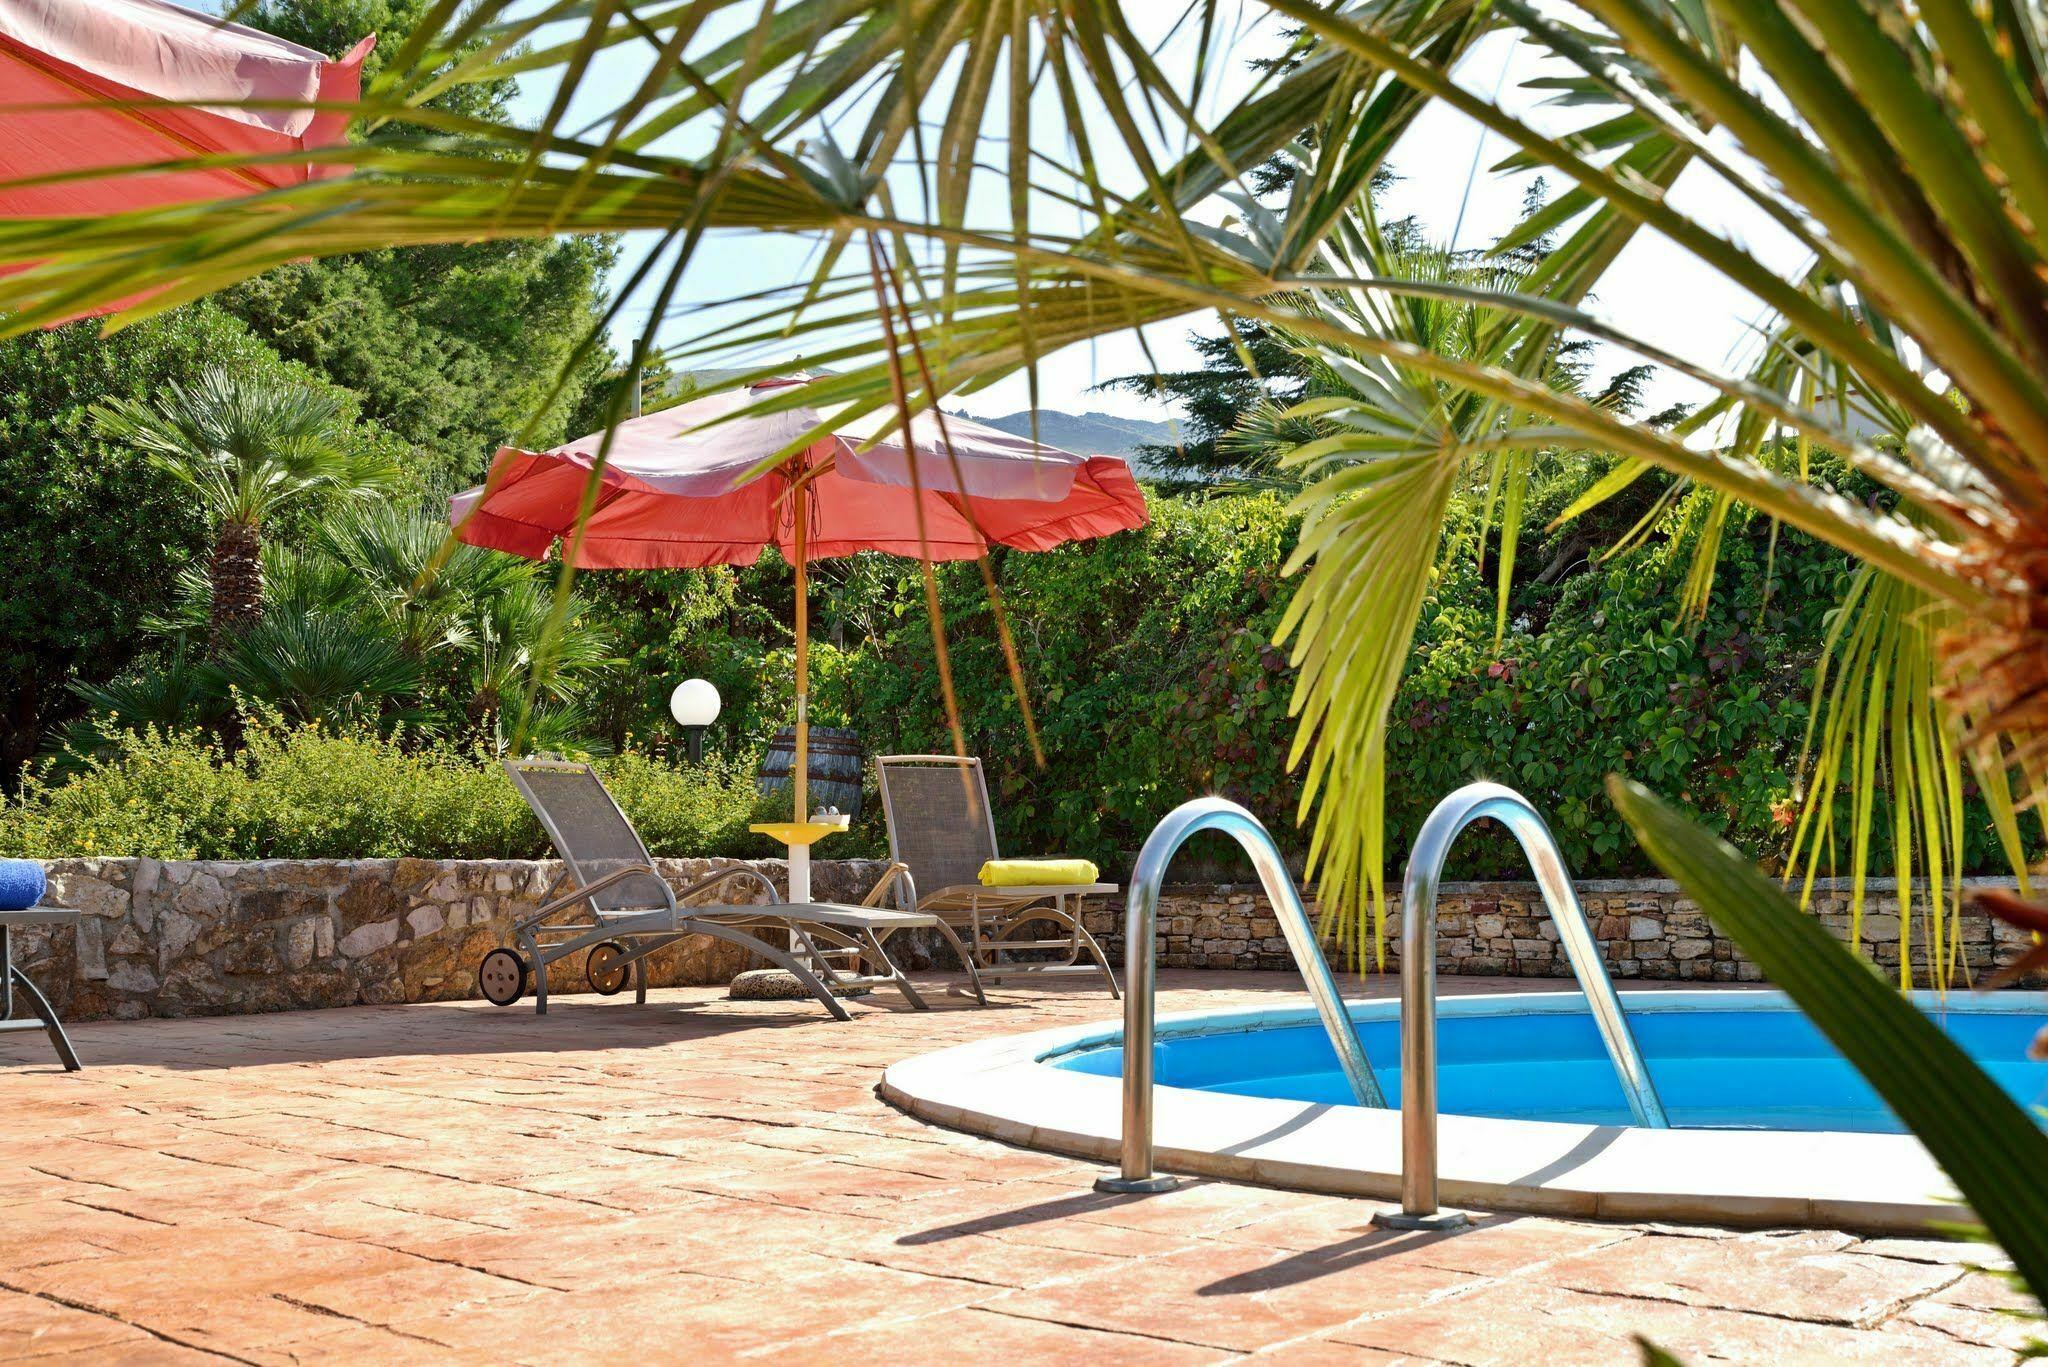 Villa Dei Mandorli Case Ciauli